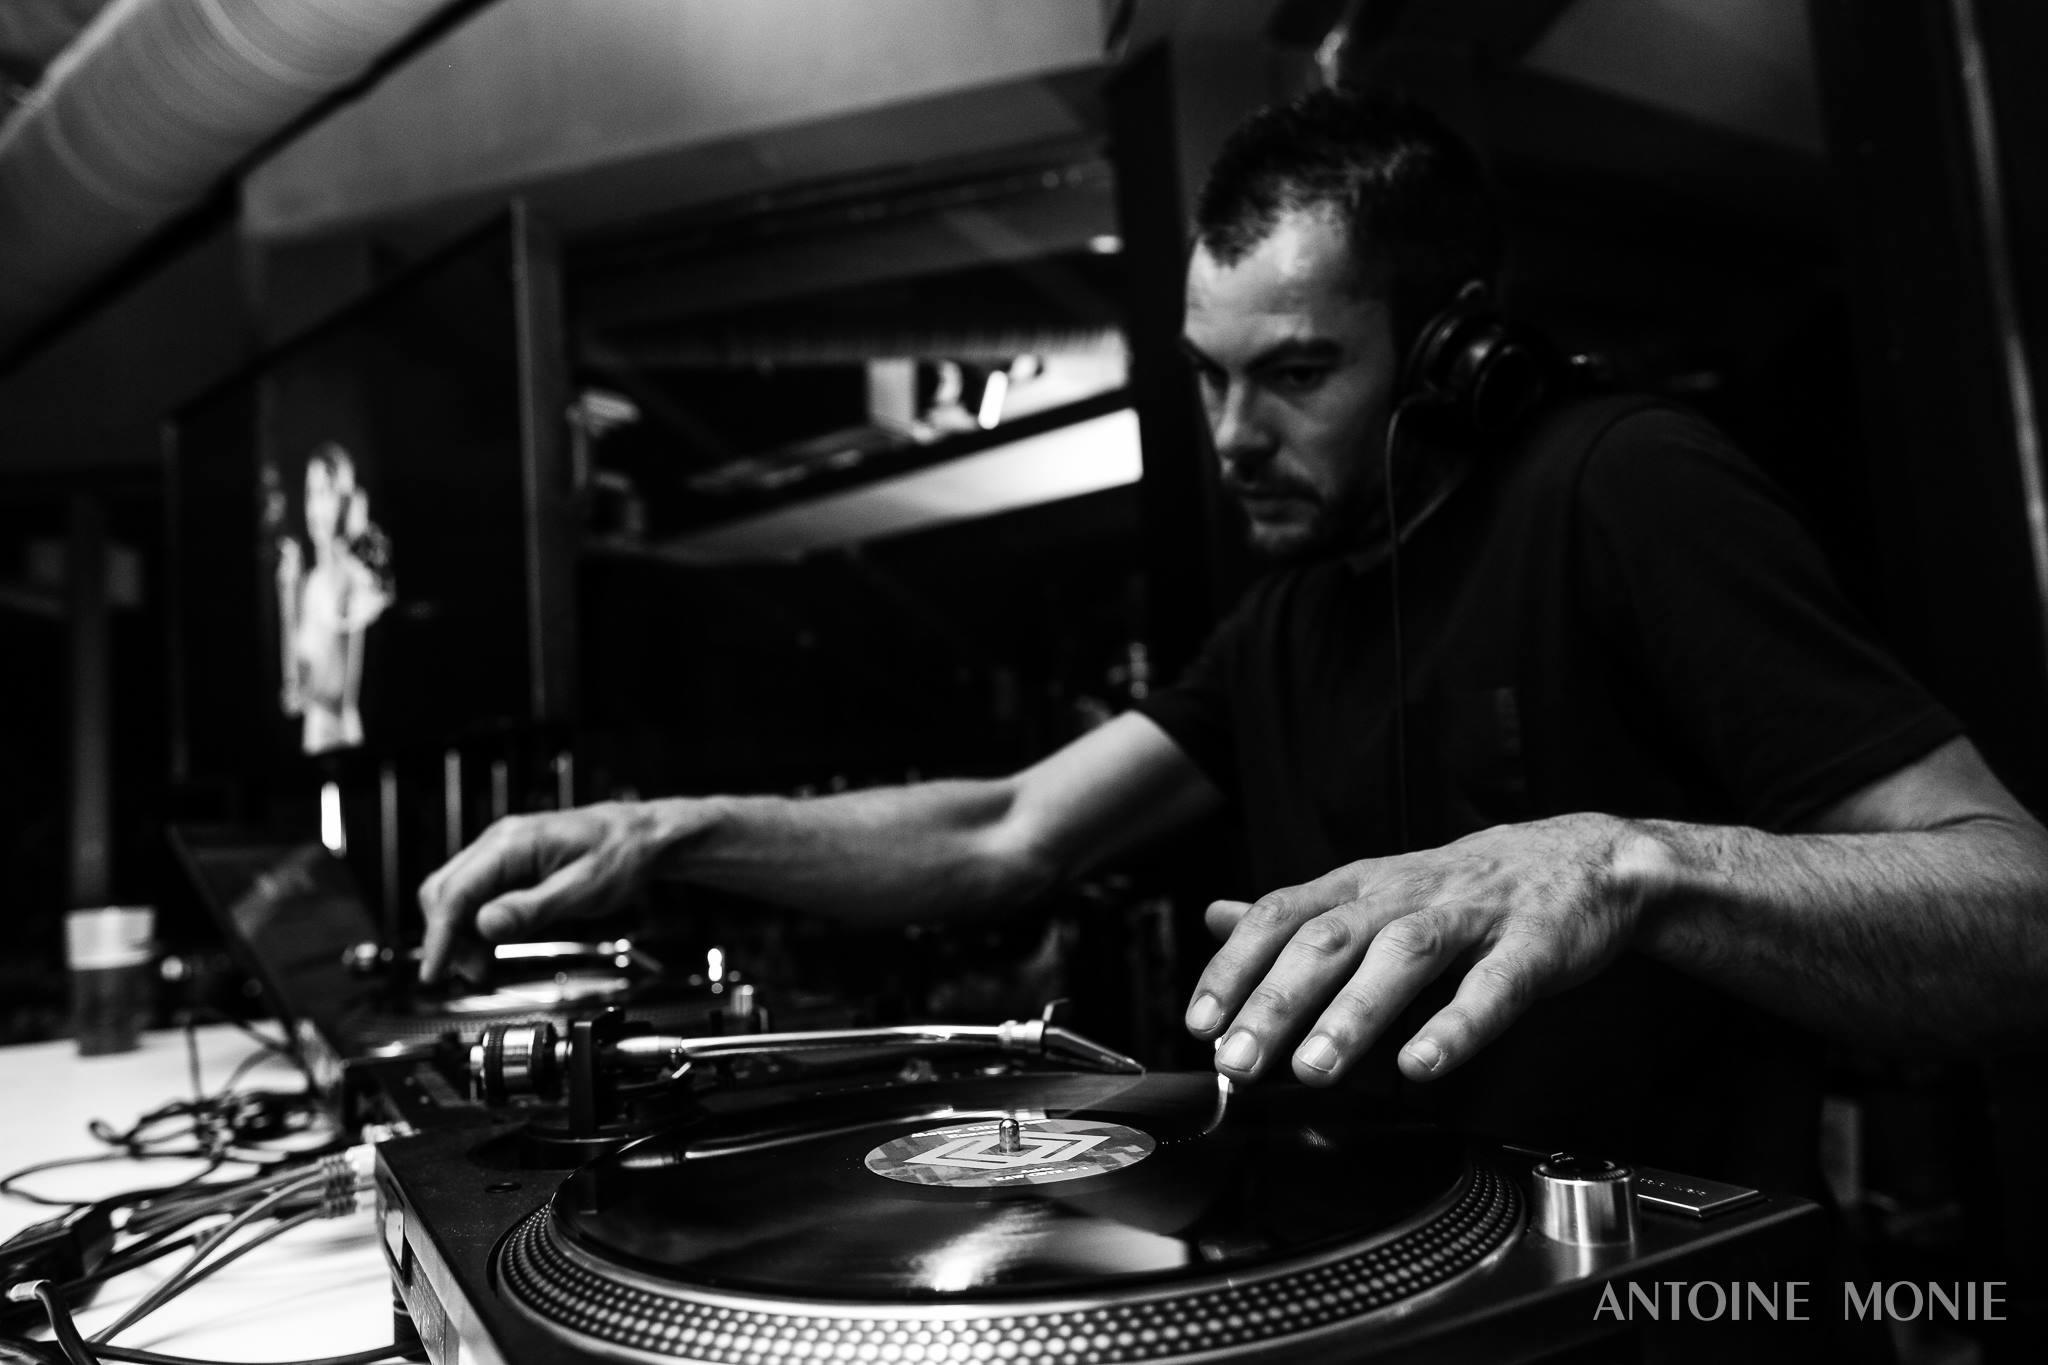 bar à vinyles tendance DJ mariage moderne Pays de la loire ambiance musique